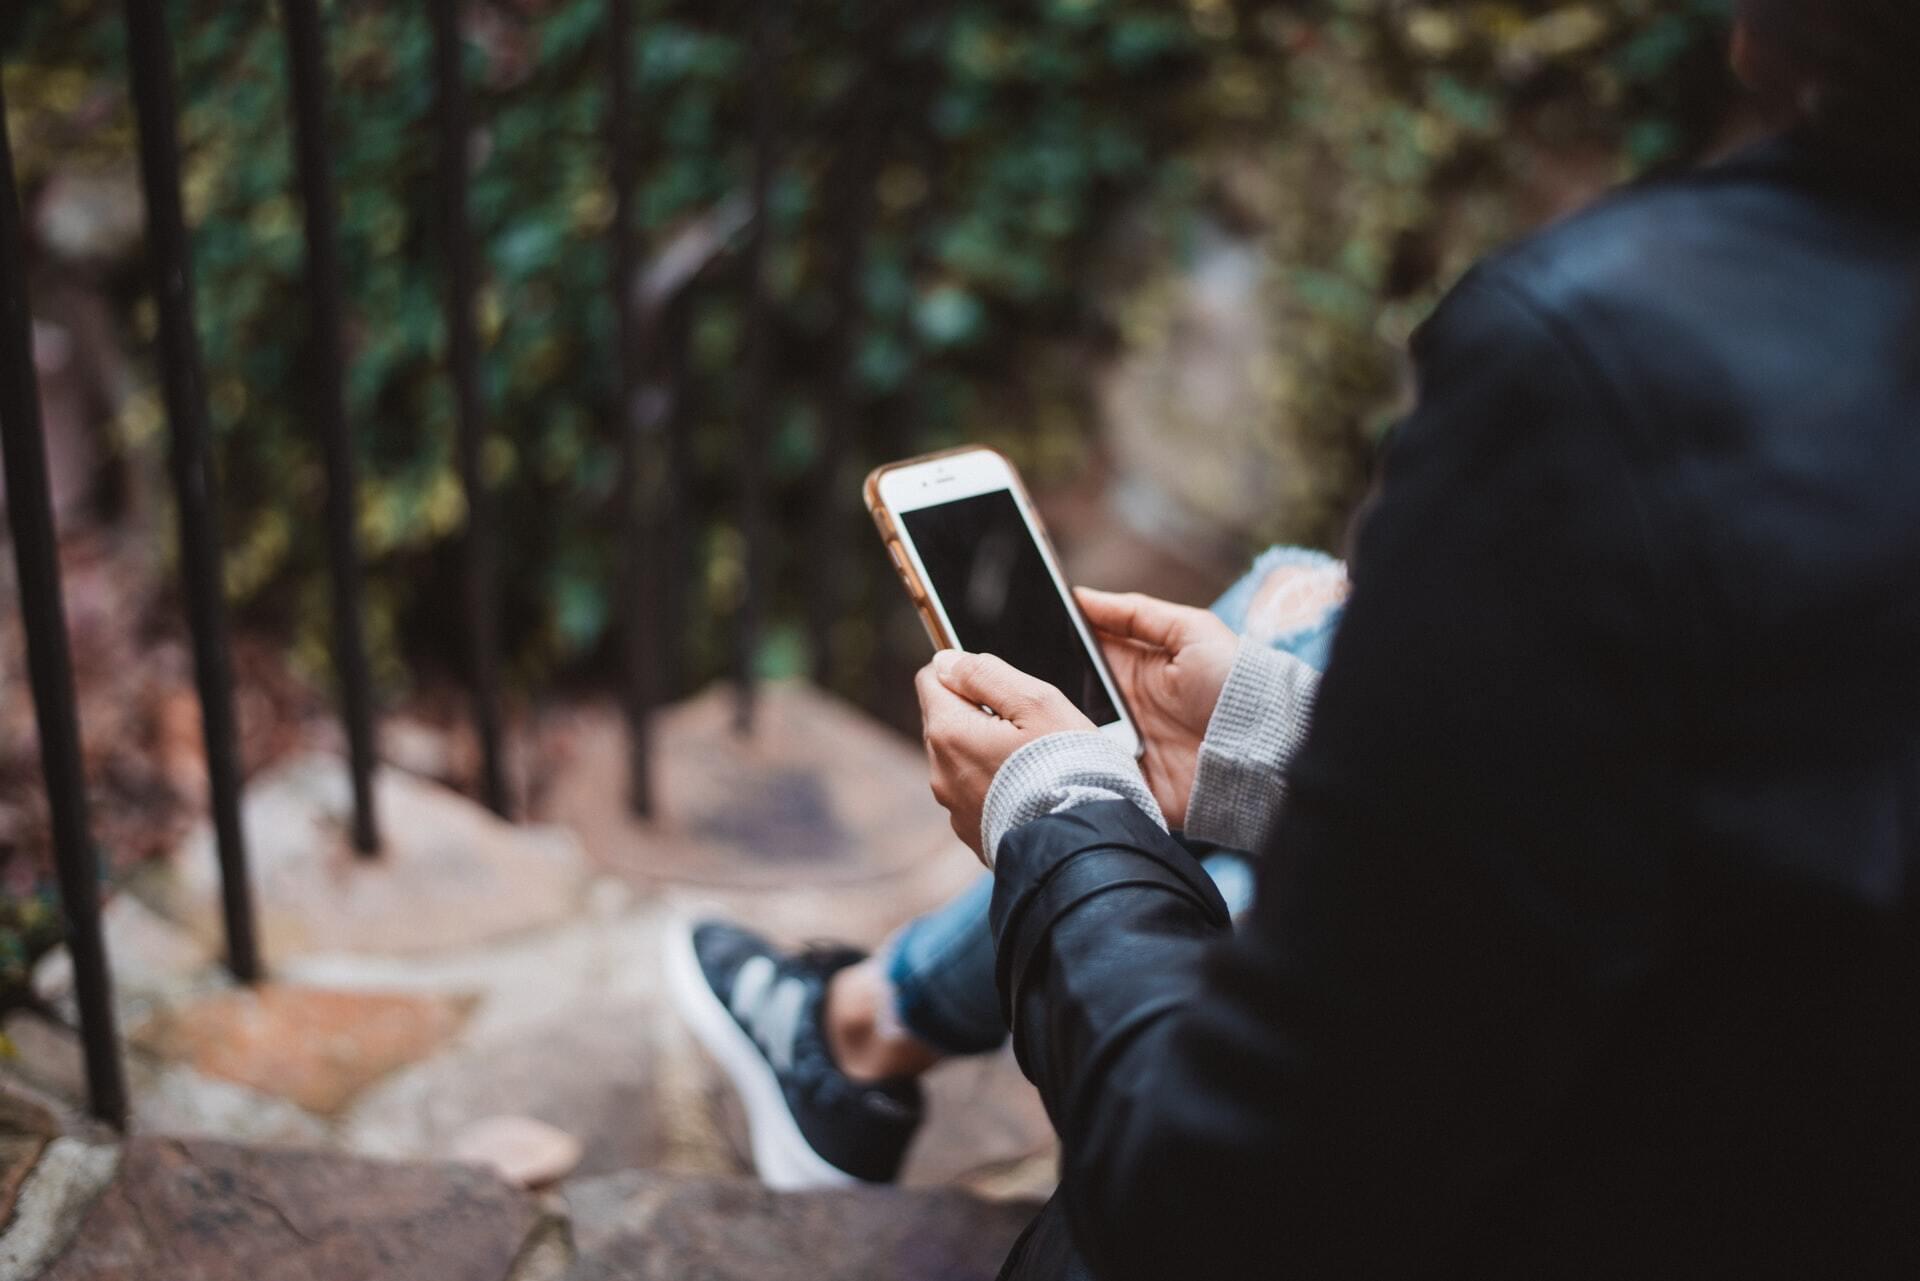 Важливі особисті дані небезпечно зберігати в смартфоні